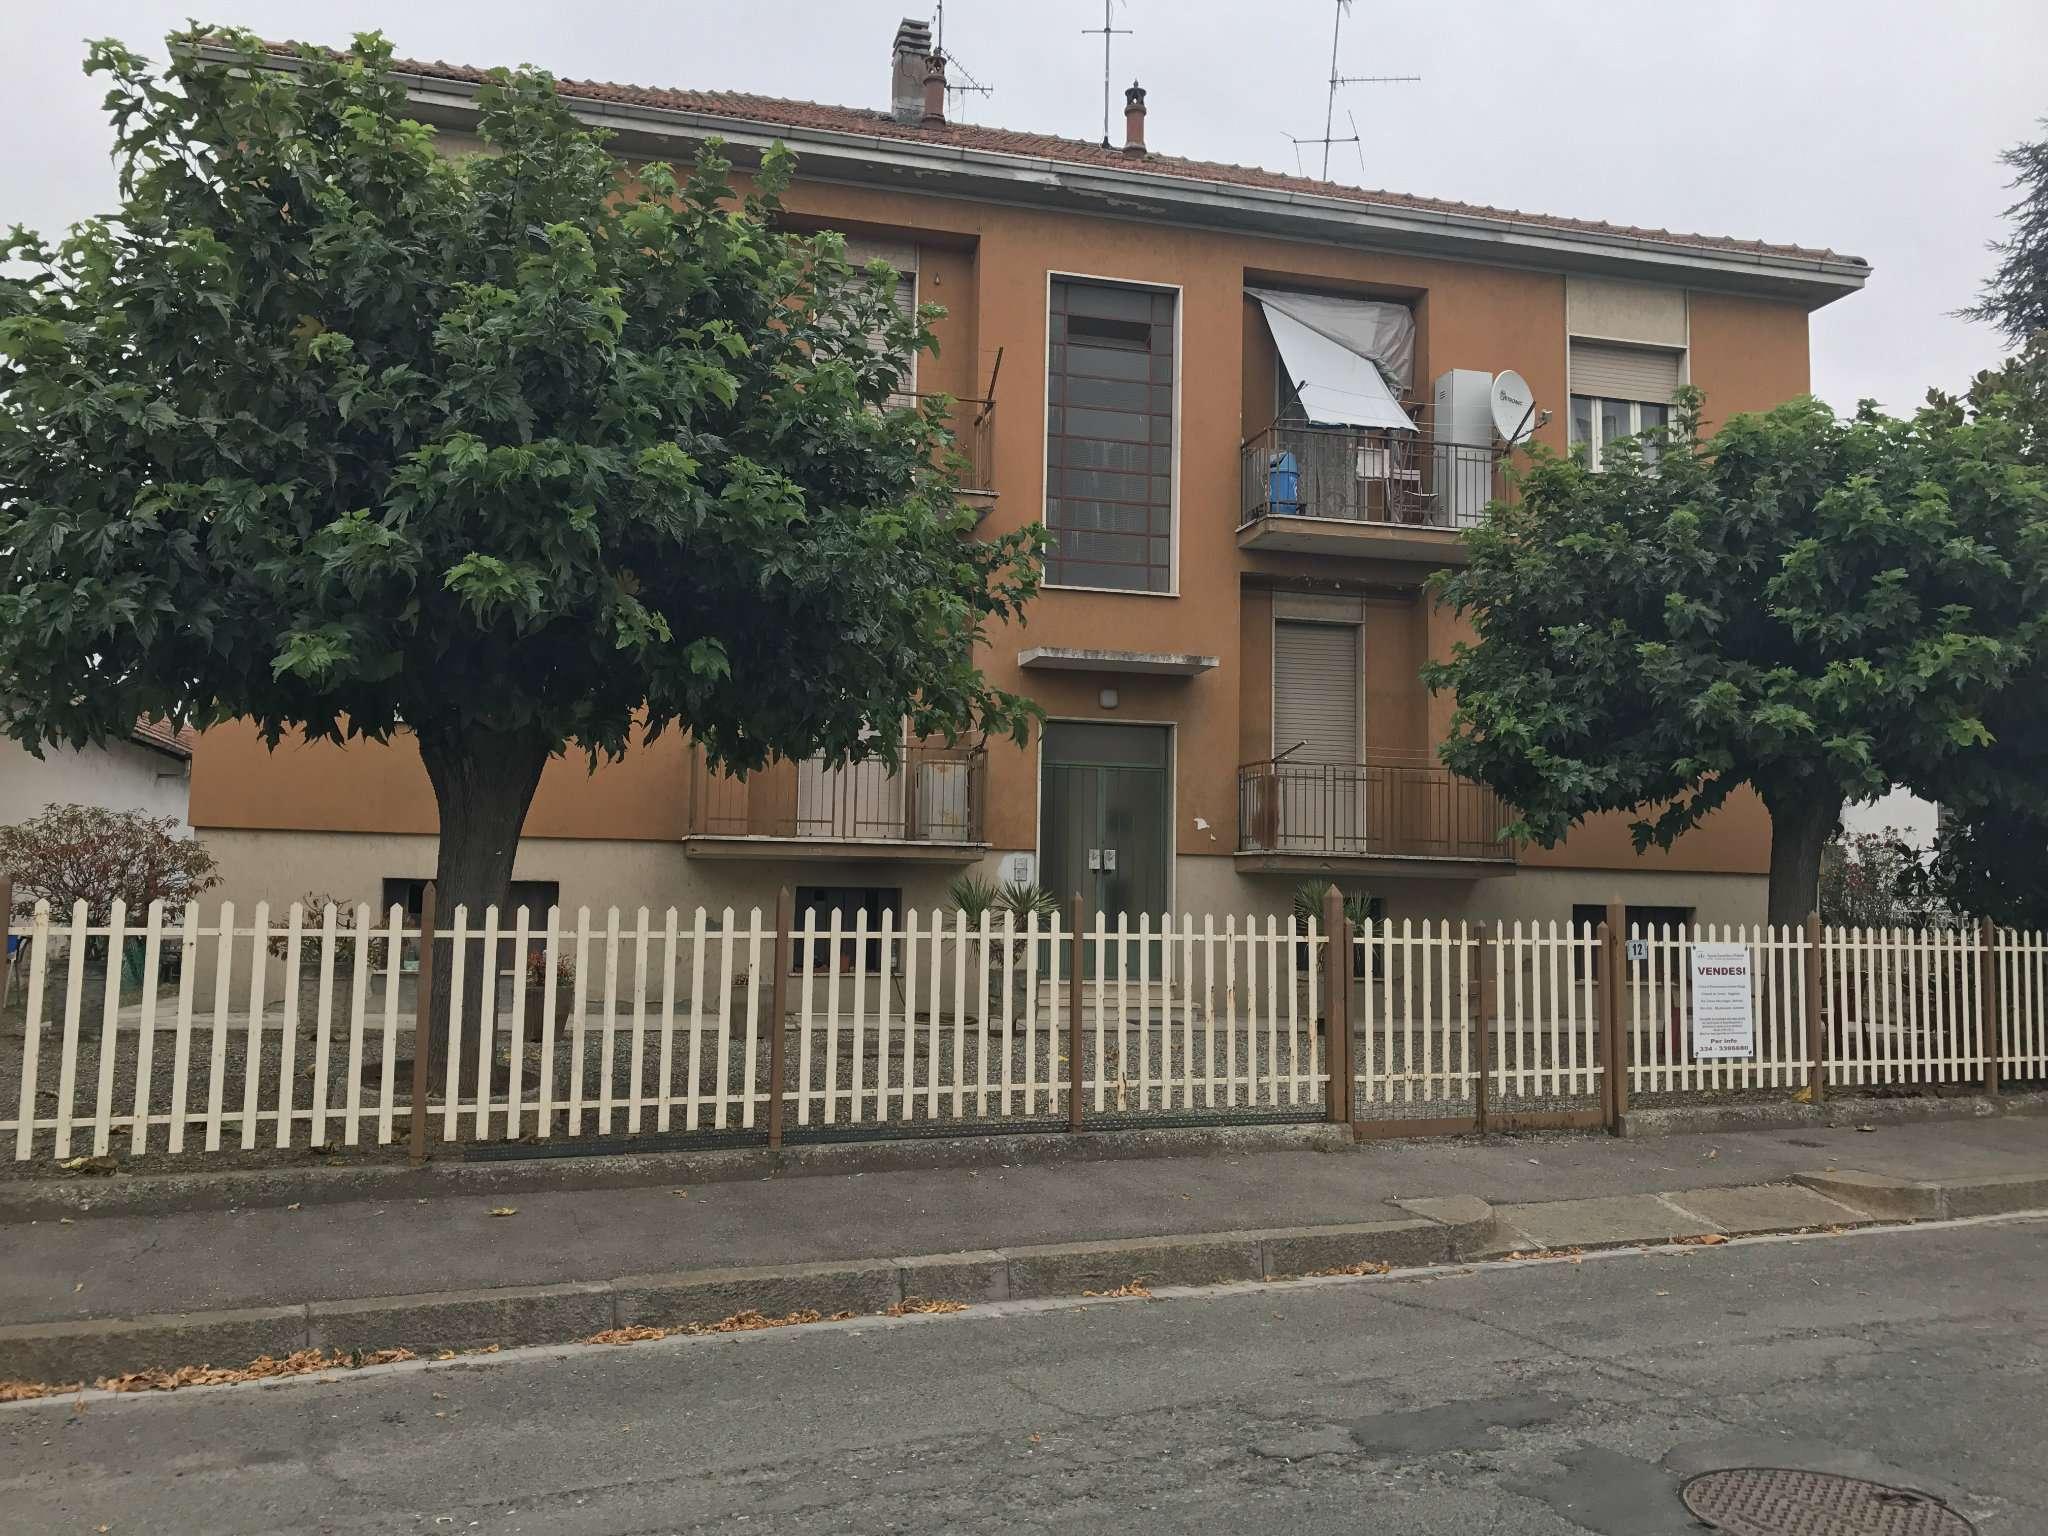 Palazzo / Stabile in vendita a Alessandria, 16 locali, prezzo € 150.000 | CambioCasa.it